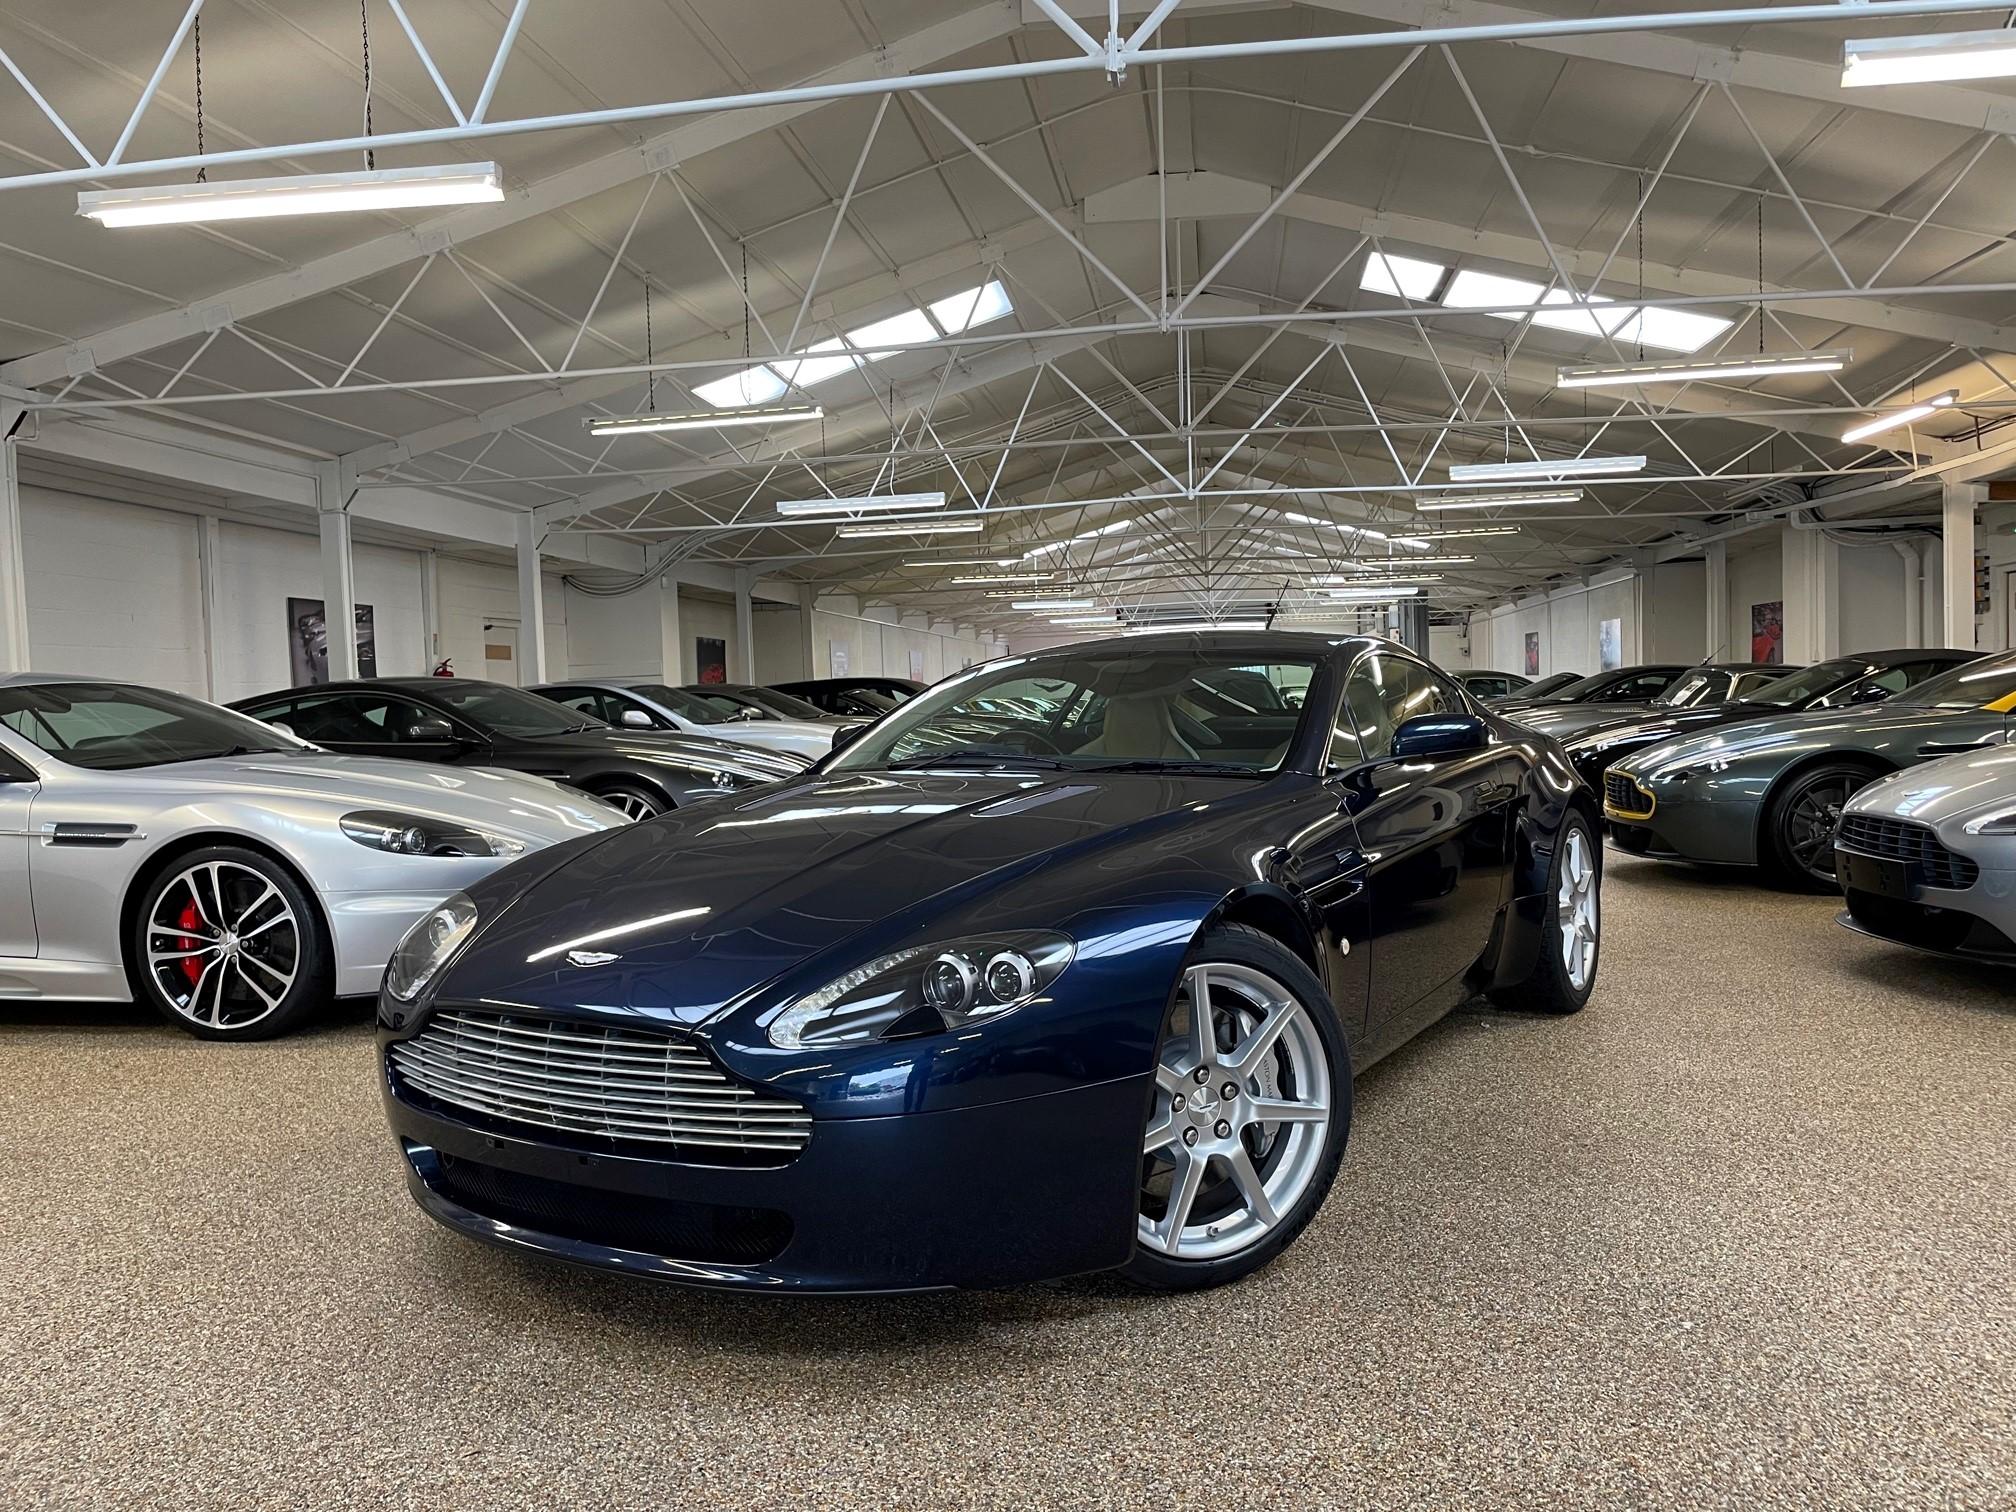 Used V8 Vantage foe sale.